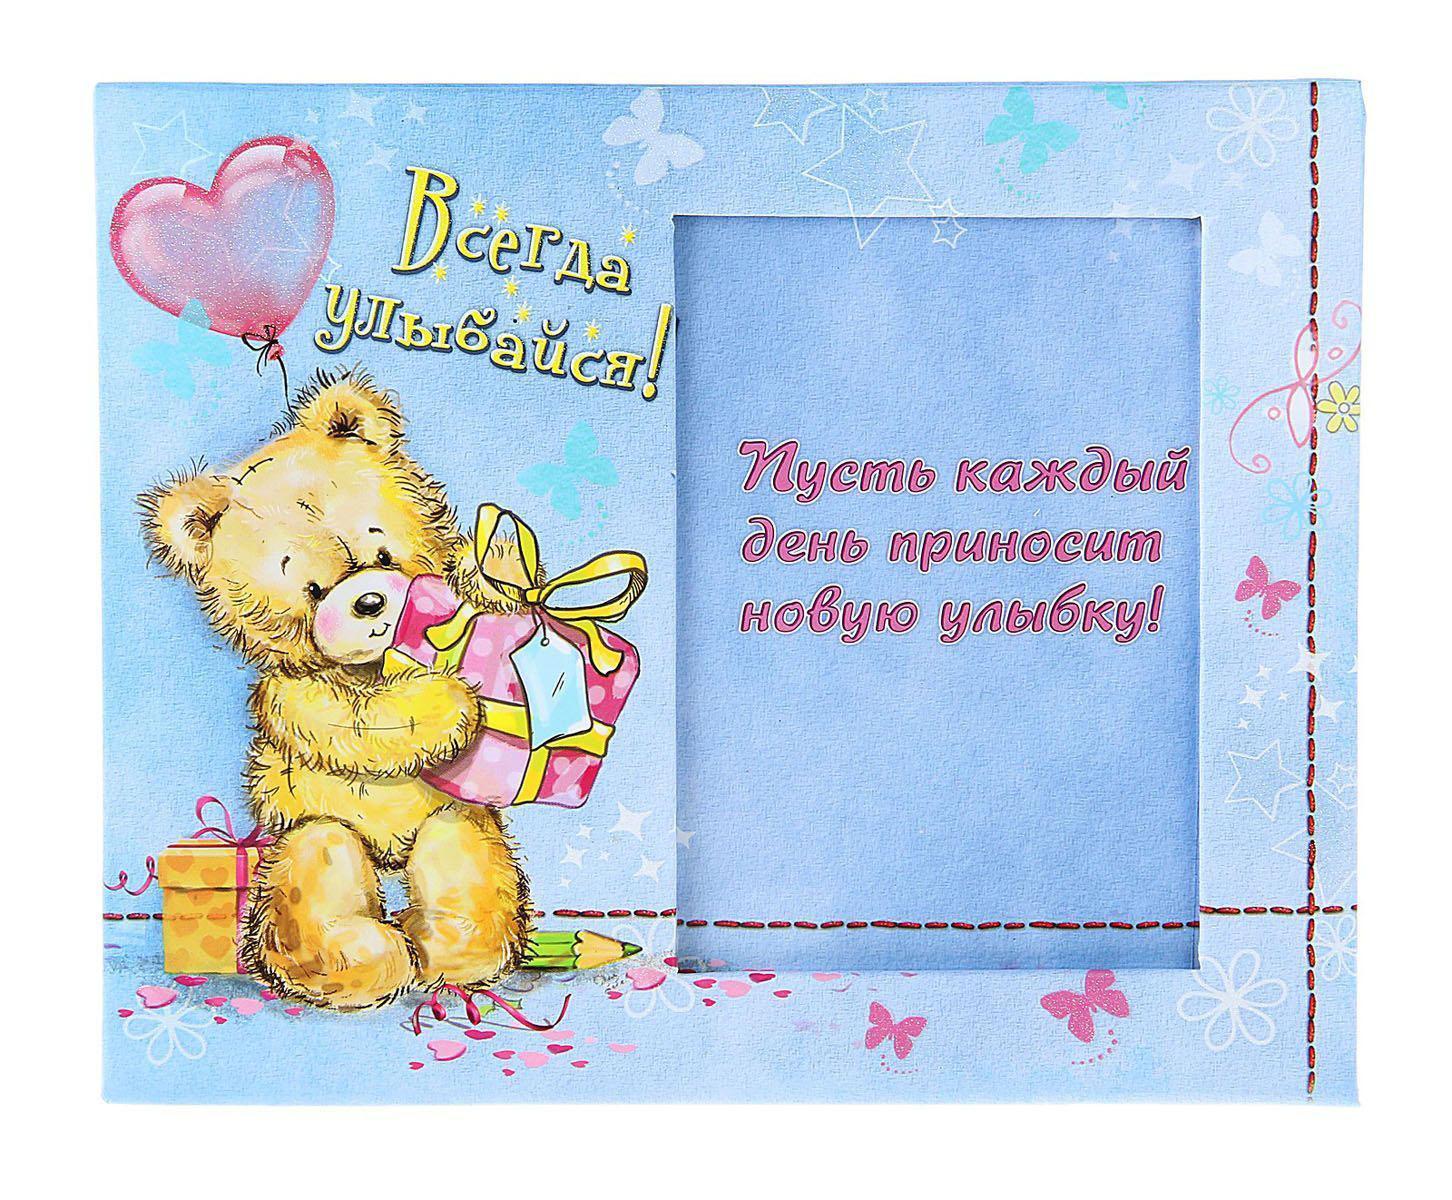 Фоторамка Sima-land Всегда улыбайся!, 8,5 х 12,5 см 662804THN132NДекоративная фоторамка Sima-land Всегда улыбайся! выполнена из картона и декорирована изображением плюшевого медведя с подарками и шариком. Рамка также оформлена надписью с пожеланиями. Обратная сторона рамки оснащена специальной ножкой, благодаря которой ее можно поставить на стол или любое другое место в доме или офисе. Такая фоторамка украсит ваш интерьер оригинальным образом, а также позволит сохранить память о дорогих вам людях и интересных событиях вашей жизни. С ней вы сможете не просто внести в интерьер своего дома элемент оригинальности, но и создать атмосферу загадочности и изысканности.